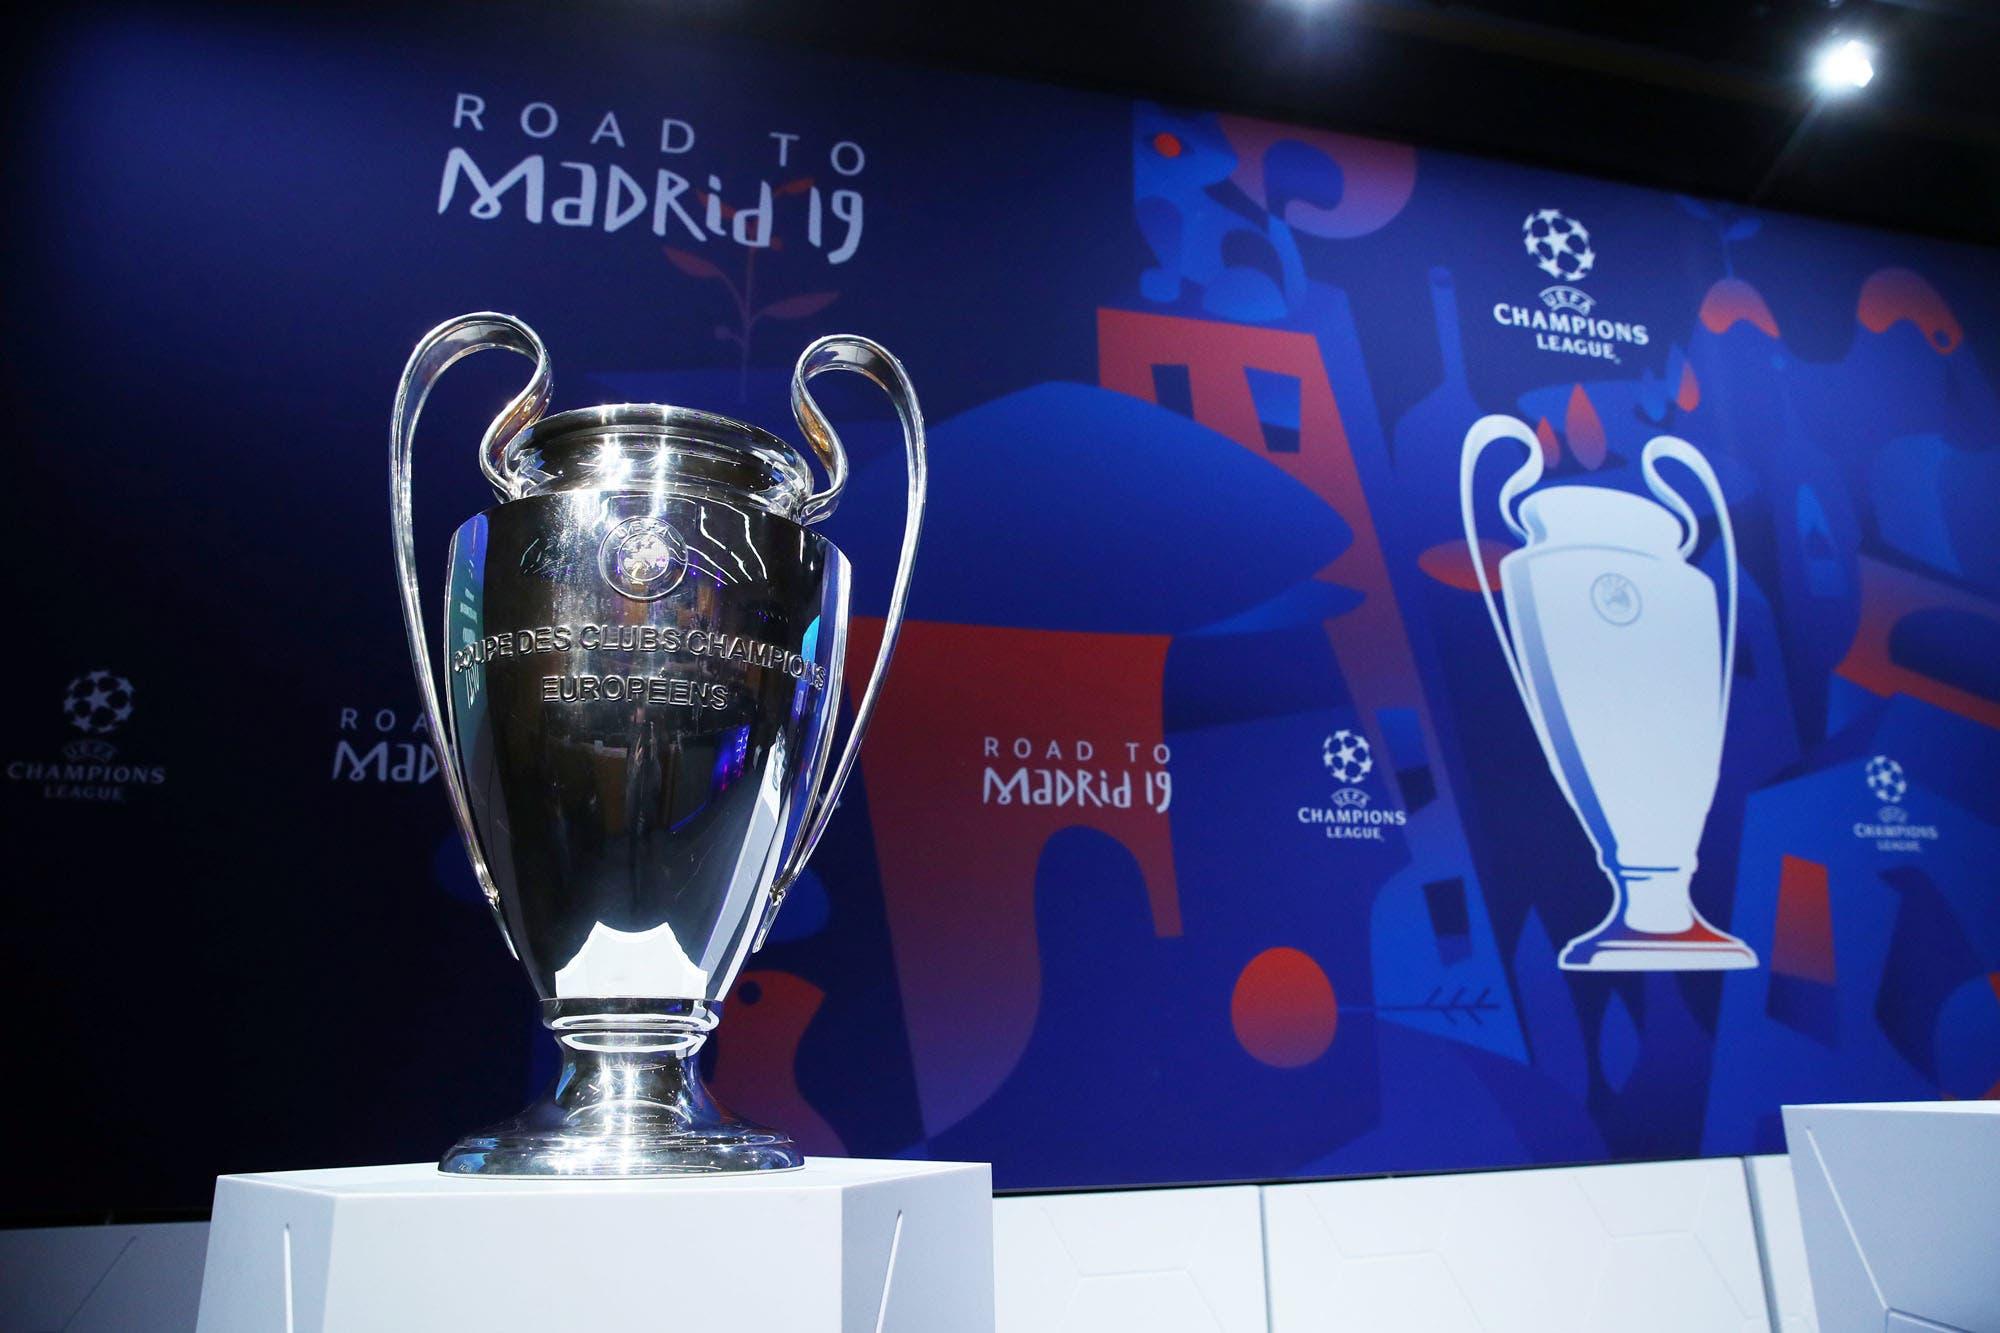 Champions League: cómo quedaron los cruces de los cuartos de final del máximo torneo europeo de clubes